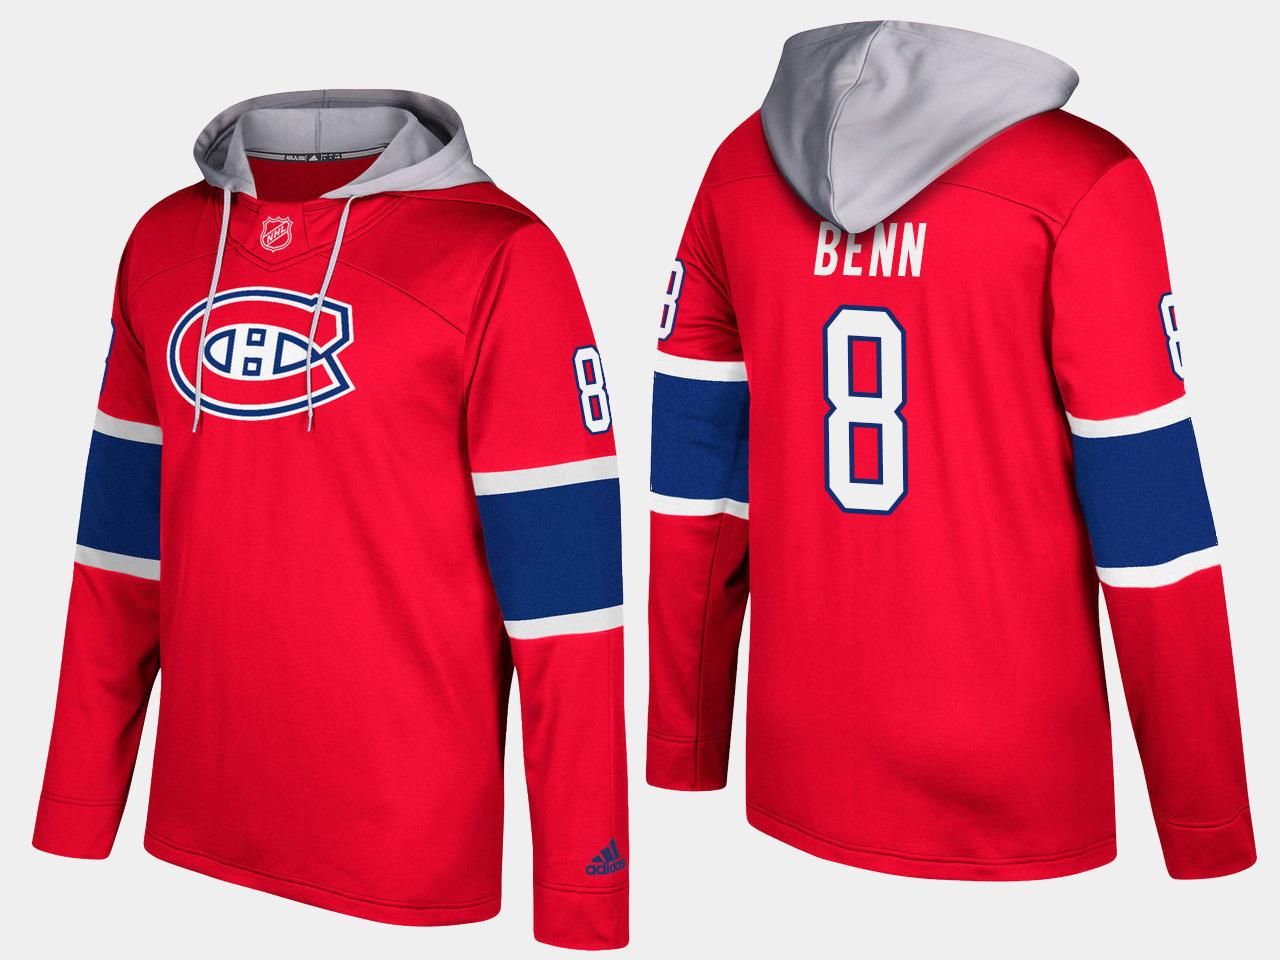 Canadiens #8 Jordie Benn Red Name And Number Hoodie